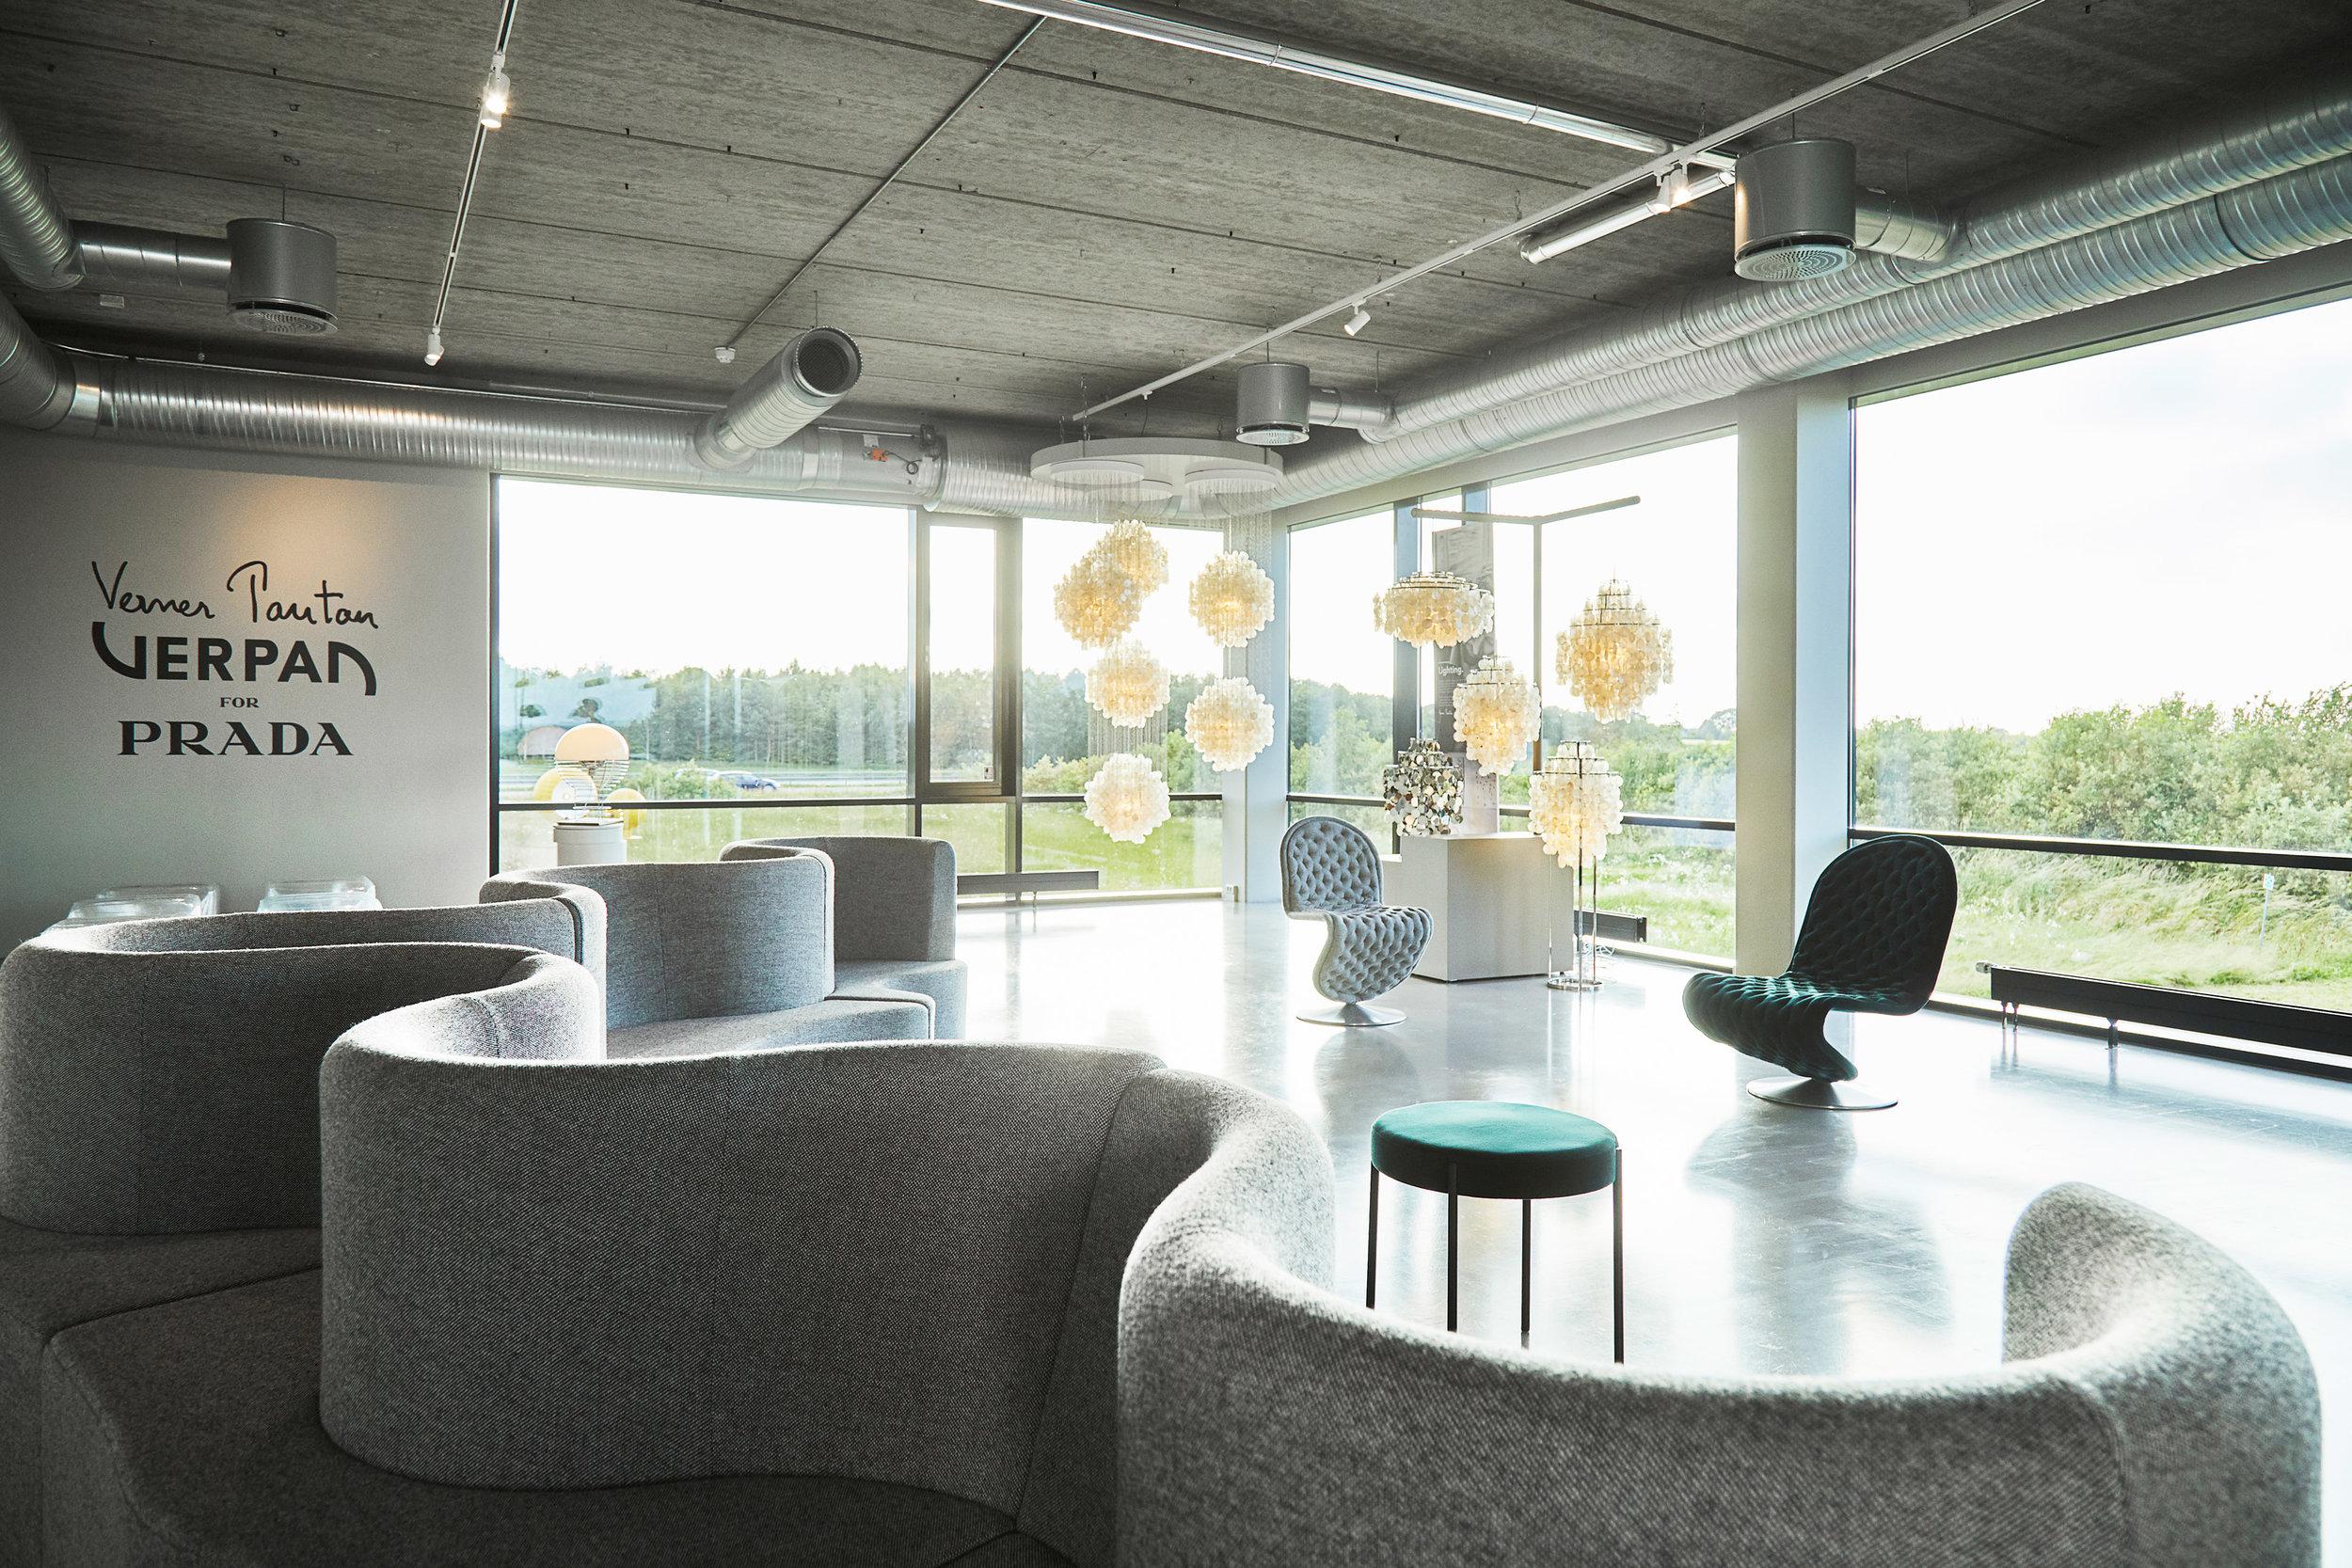 Frandsen-Lighting-19.06.26-interiør-og-eksteriør7935.jpg